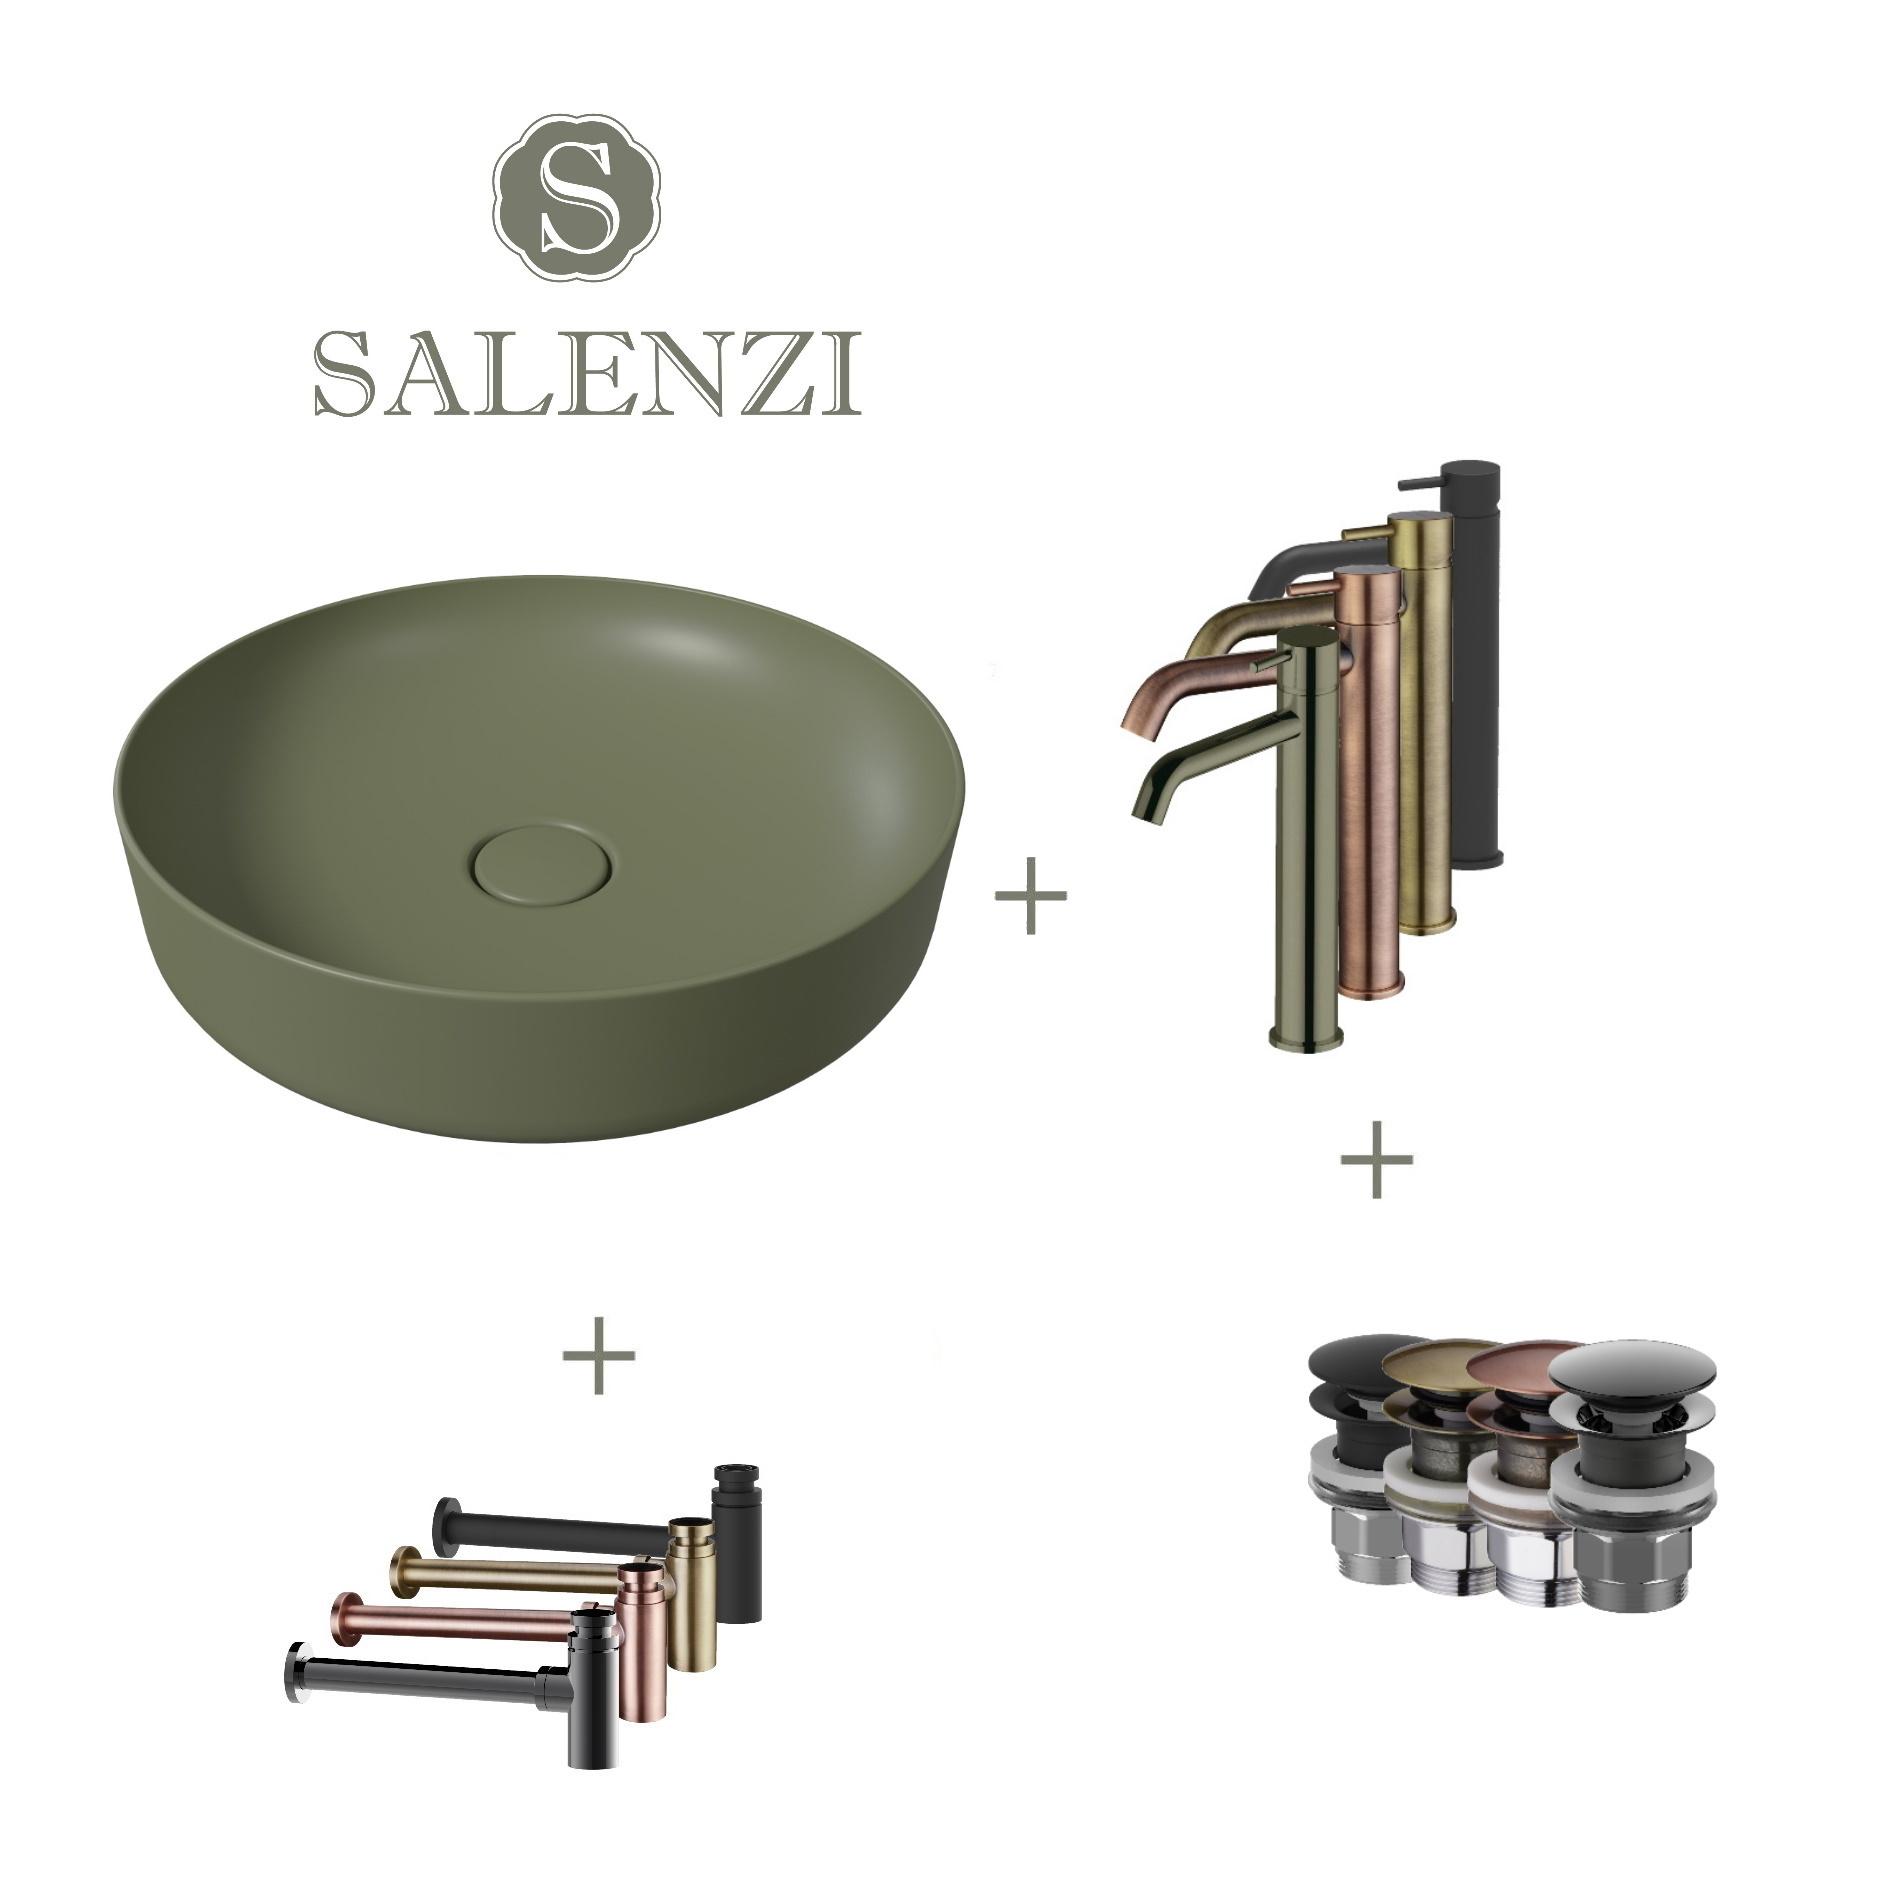 Salenzi Waskomset Form 45x12 cm Incl Hoge Kraan Mat Legergroen